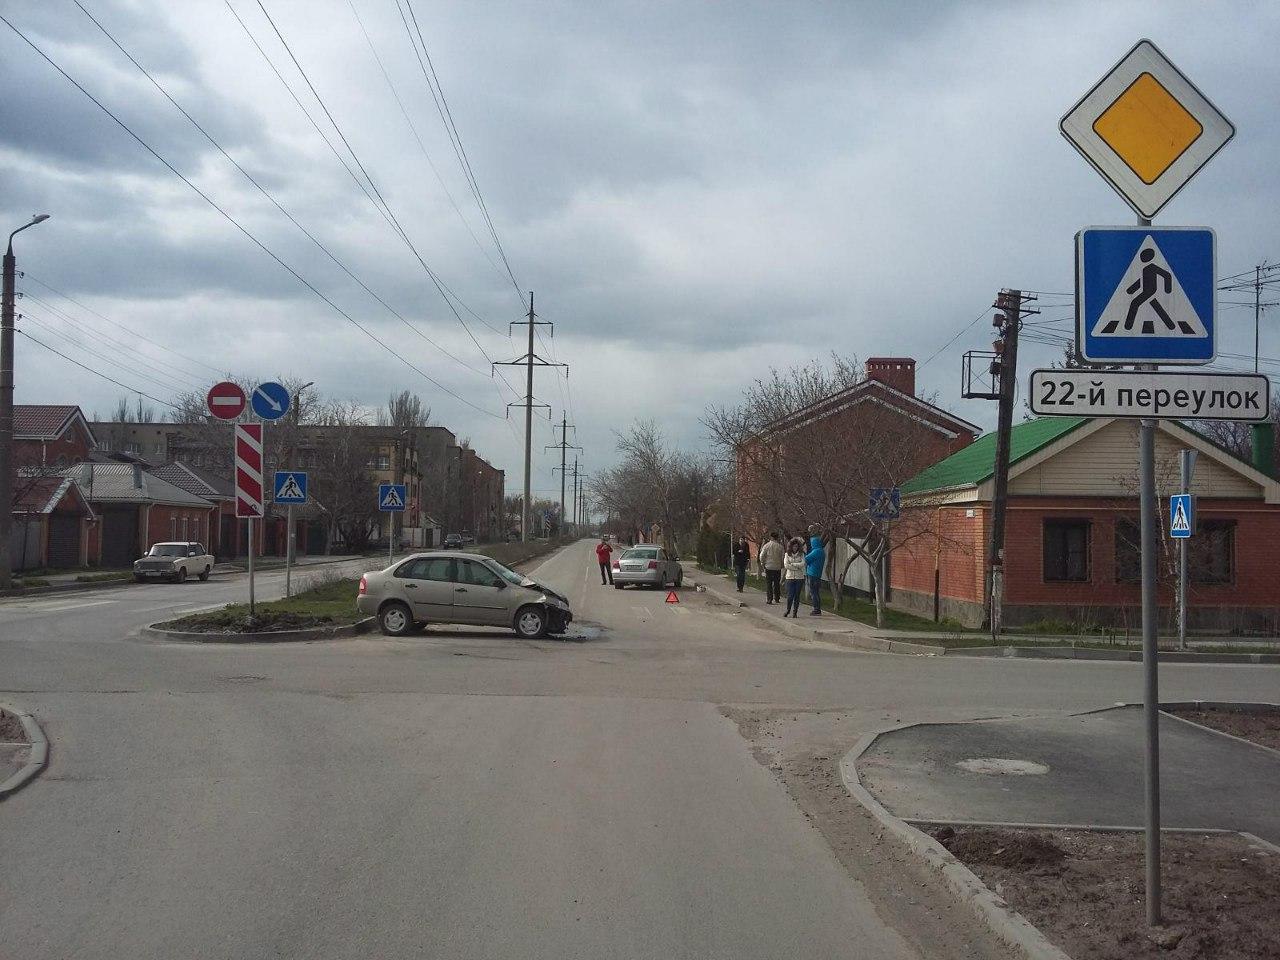 В Таганроге автоледи на «Лада Калина» протаранила Toyota Avensis